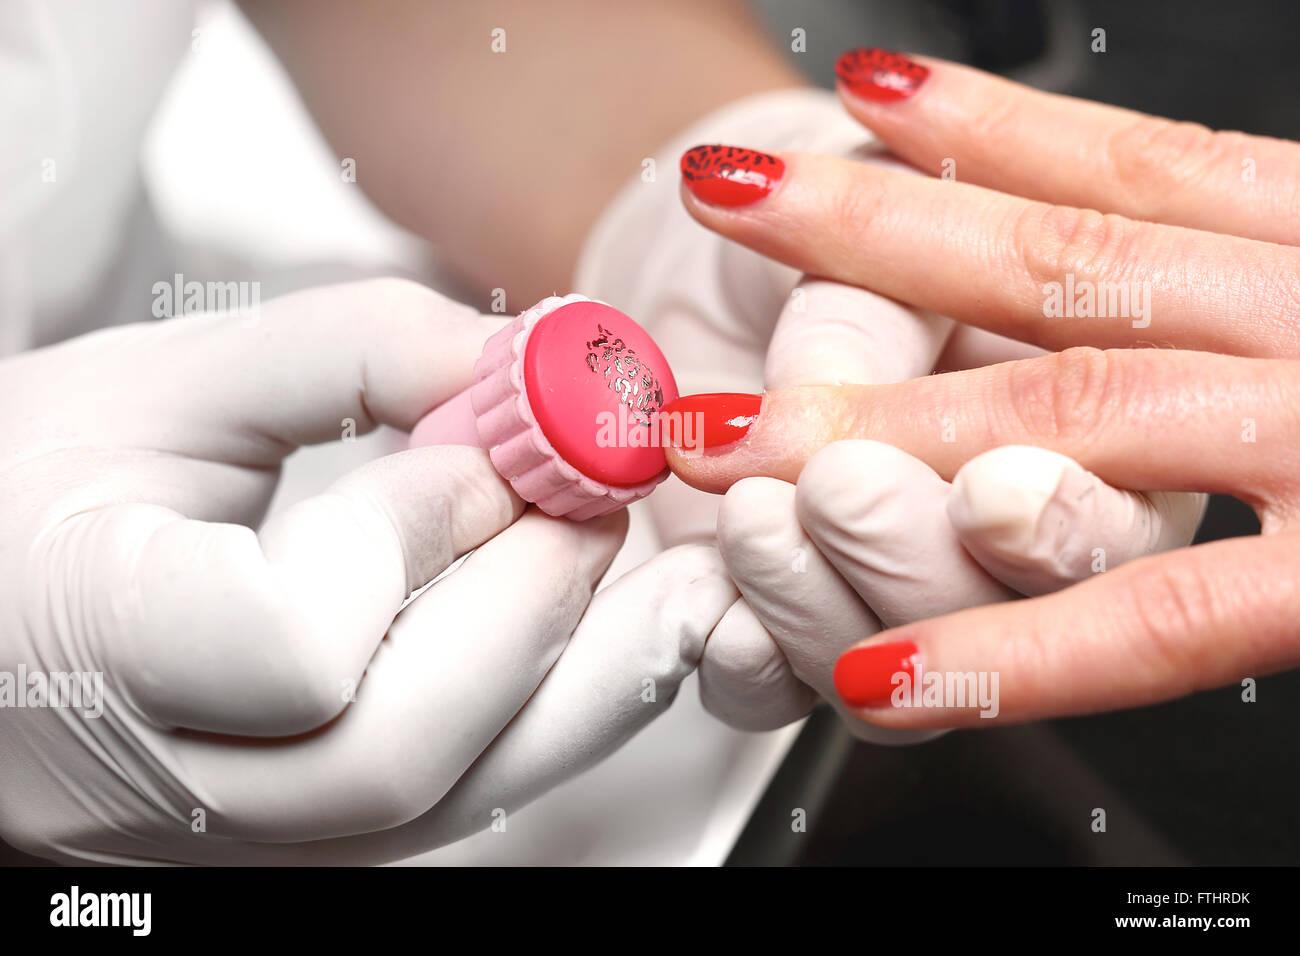 Faszinierend Nägel Muster Foto Von Briefmarken-nagel-kosmetikerin Gilt Den Lack Auf Plaque. Verzierung